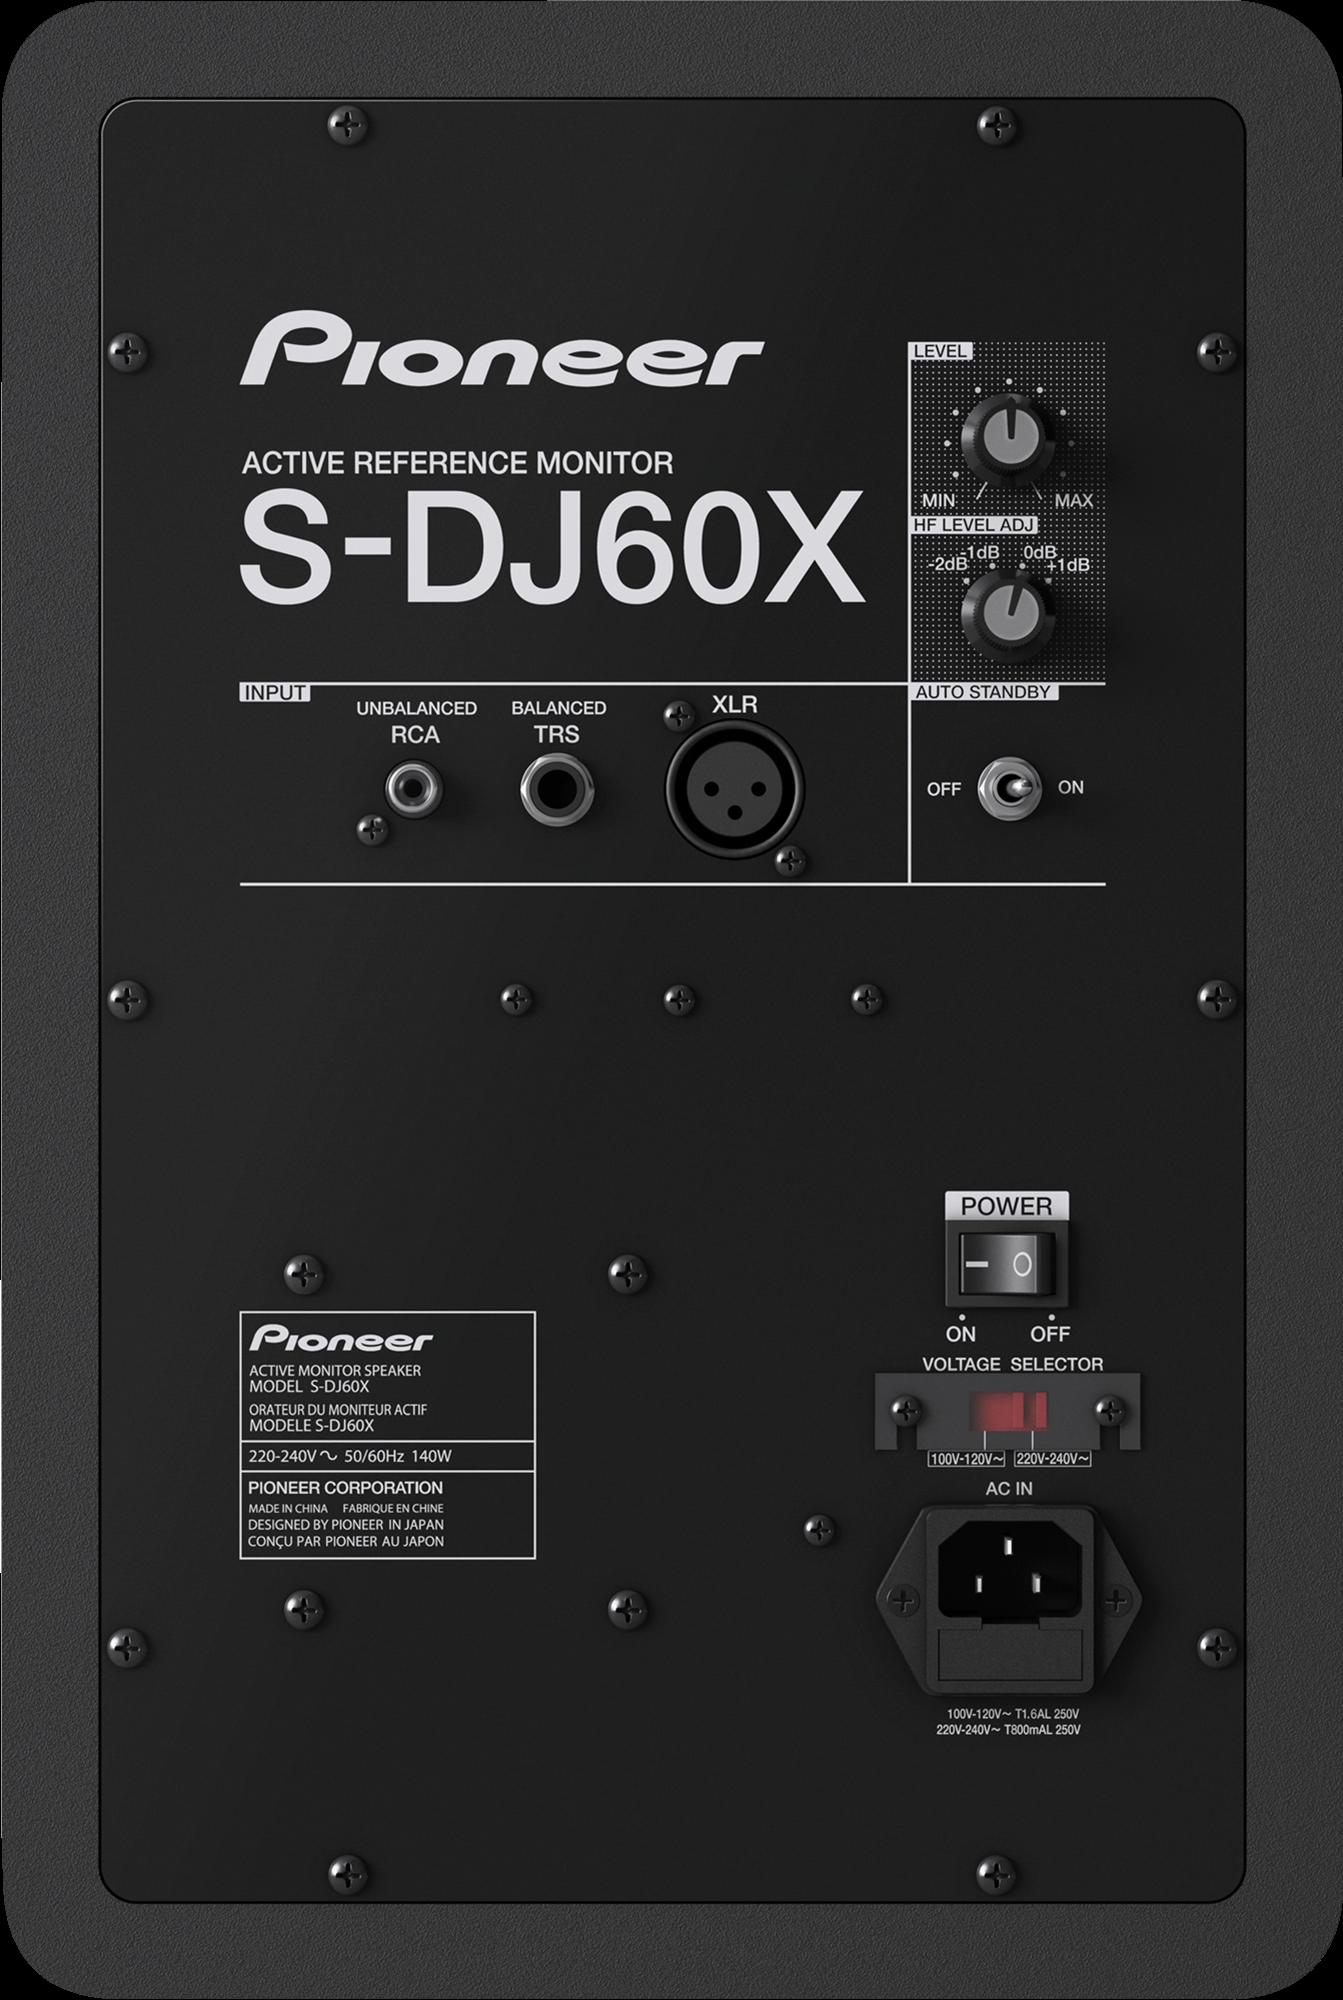 S-DJ60X back